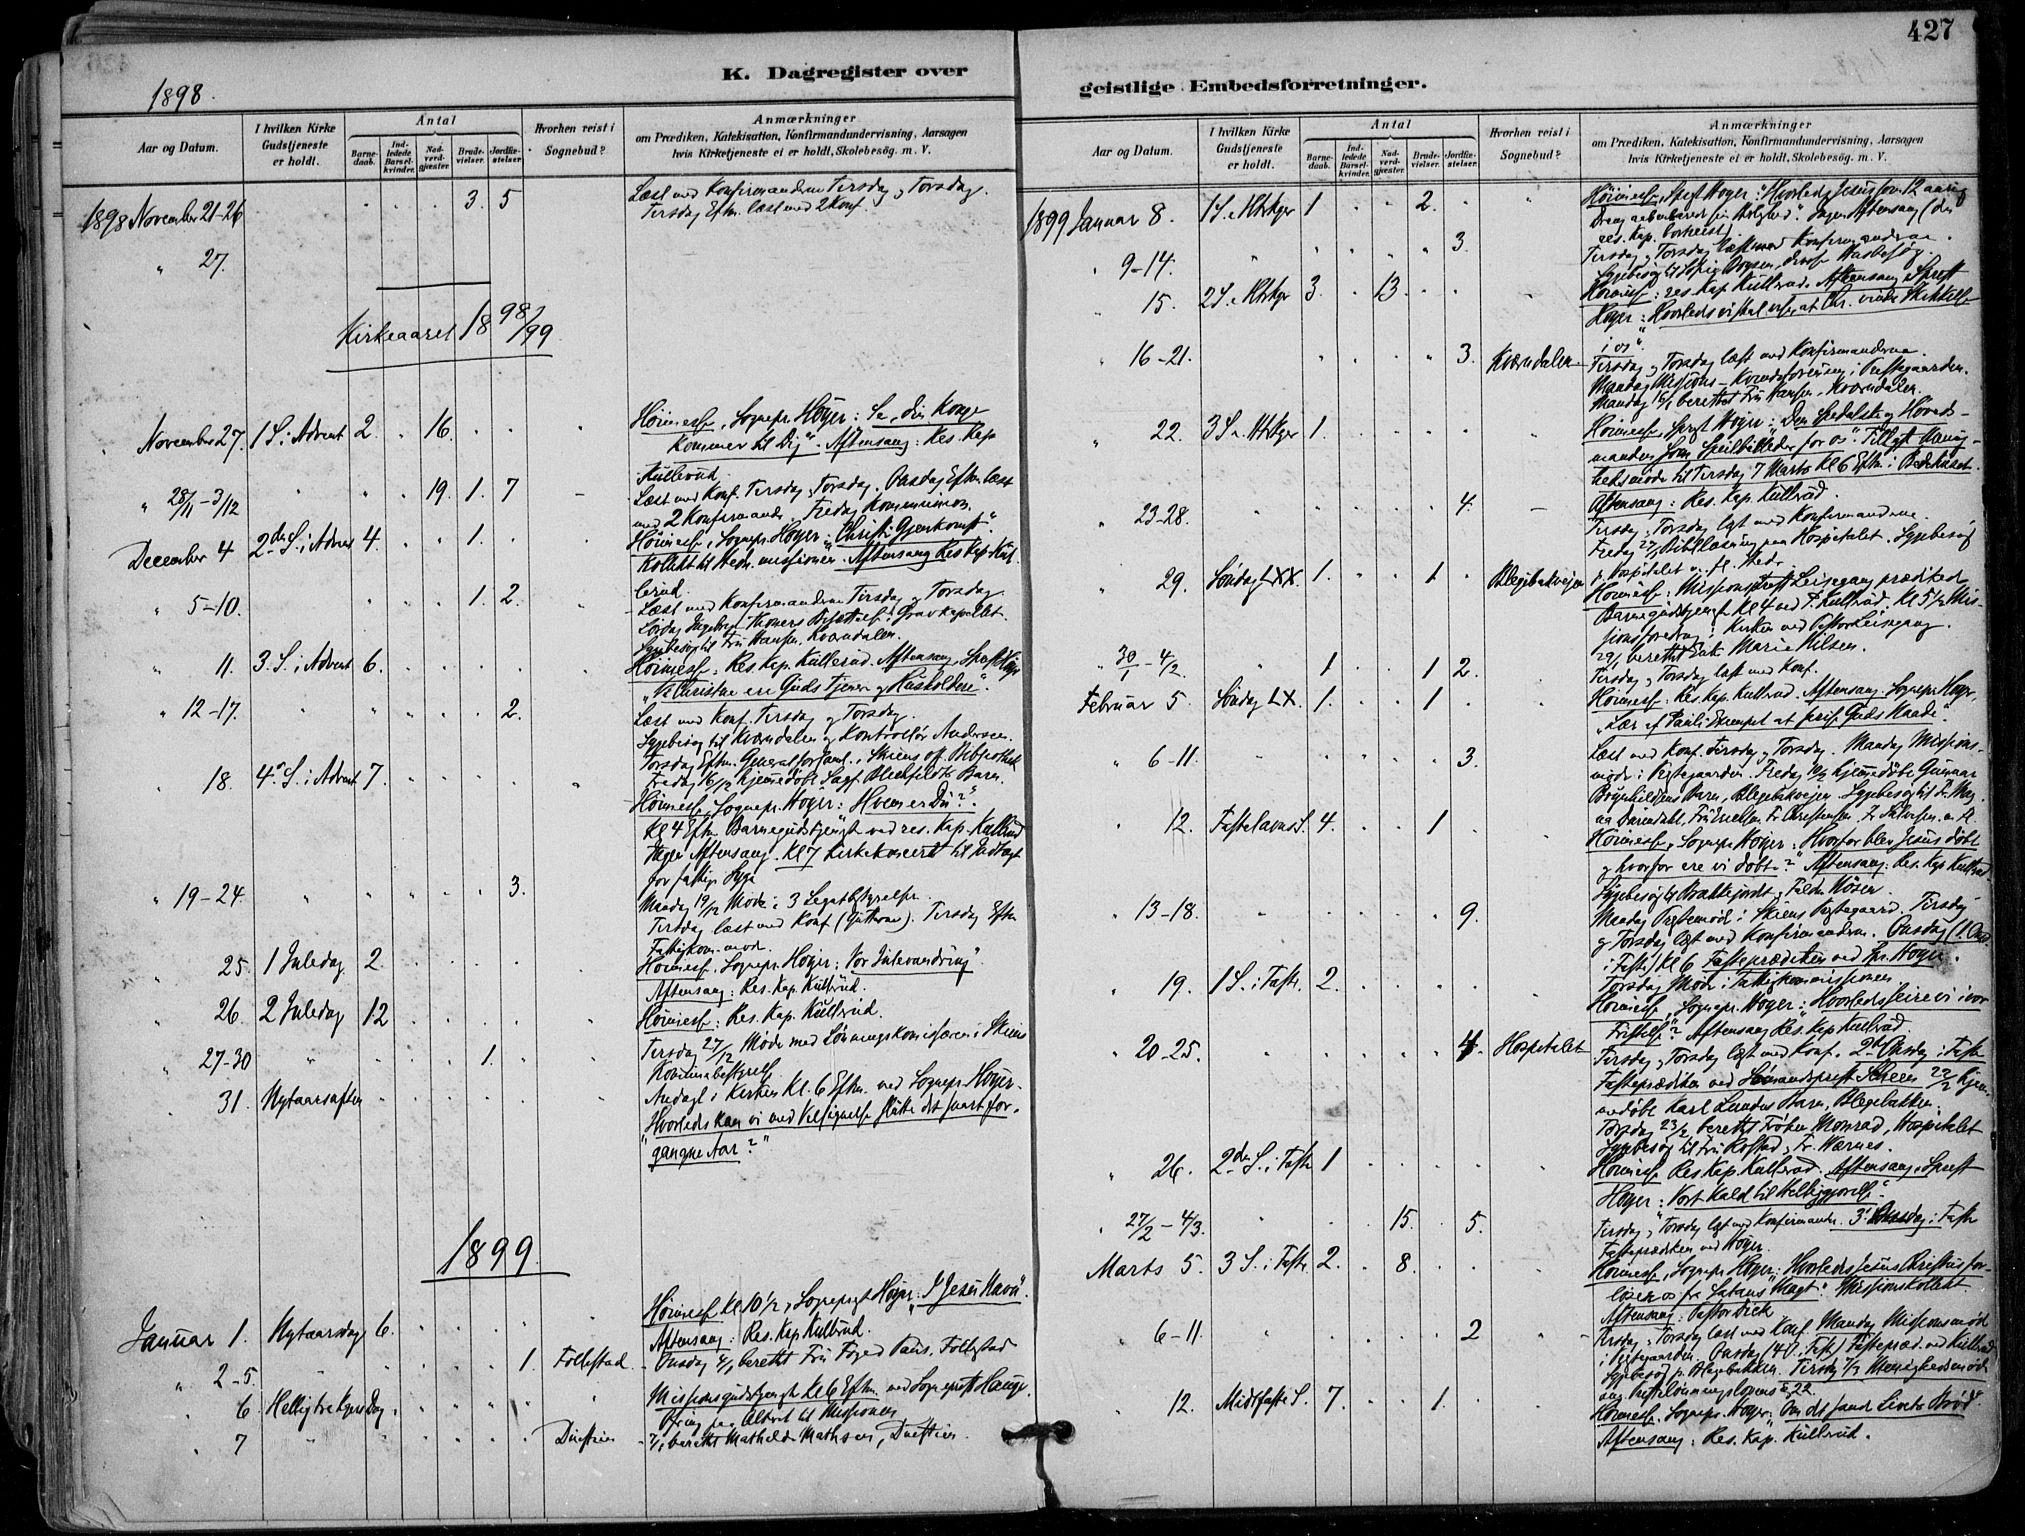 SAKO, Skien kirkebøker, F/Fa/L0010: Ministerialbok nr. 10, 1891-1899, s. 427